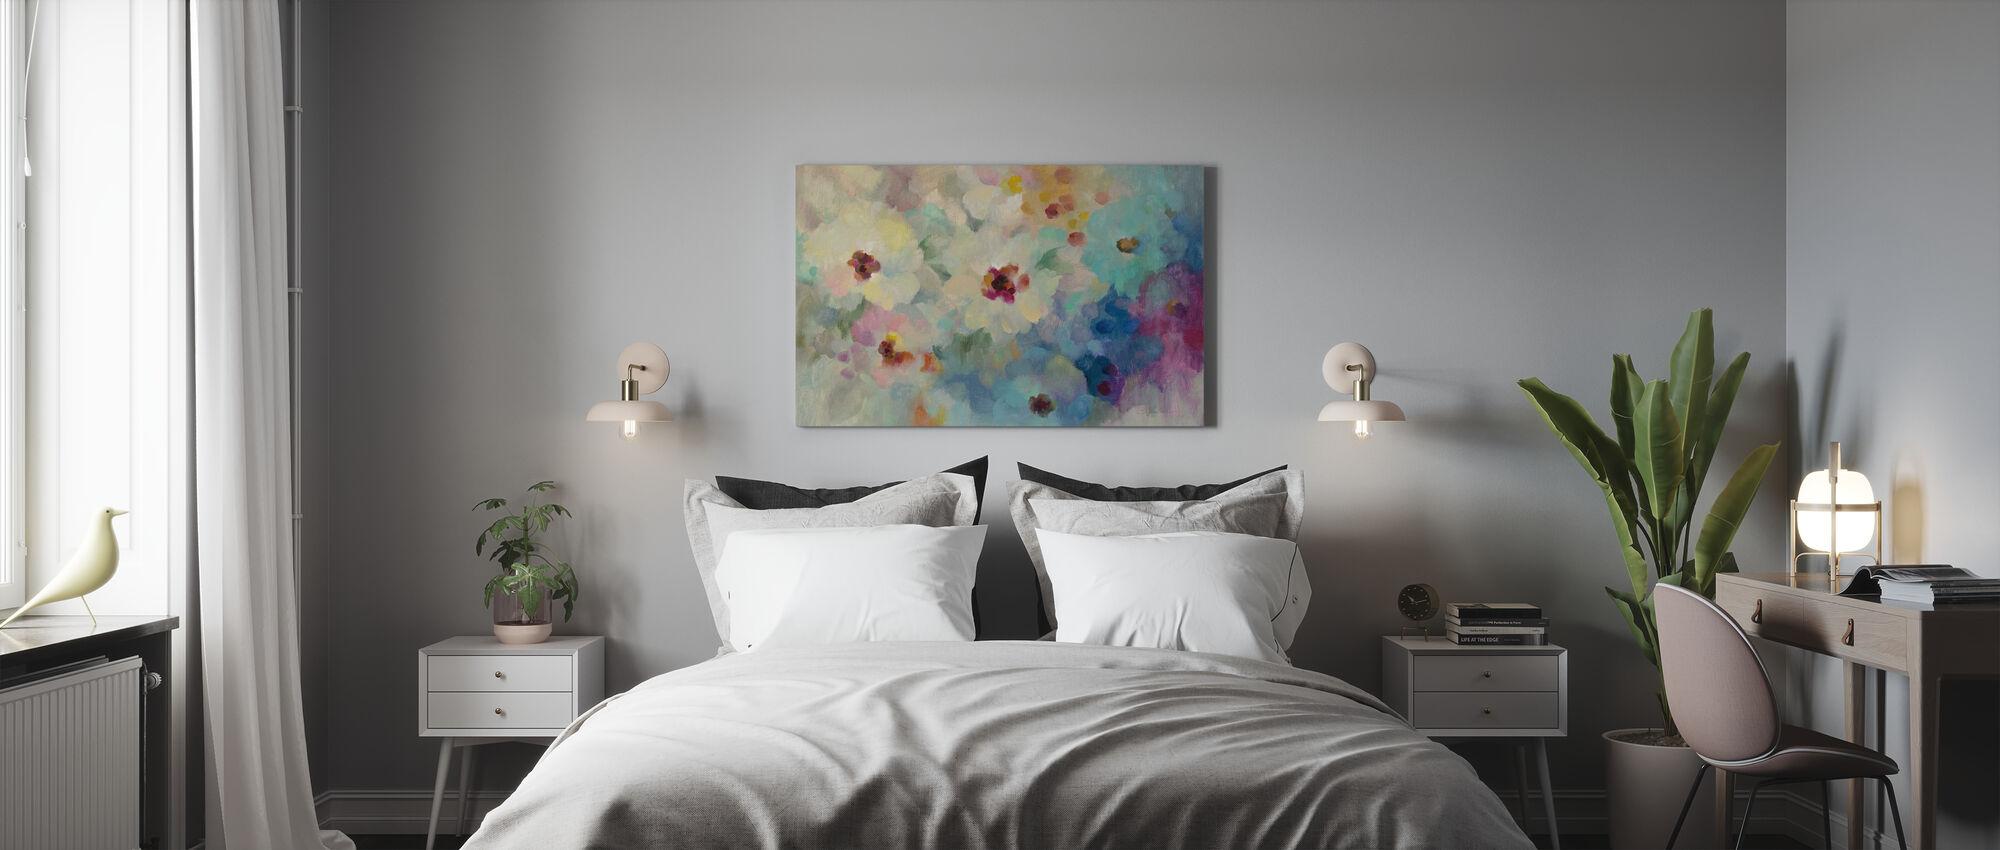 Floral Extravaganza - Canvas print - Bedroom